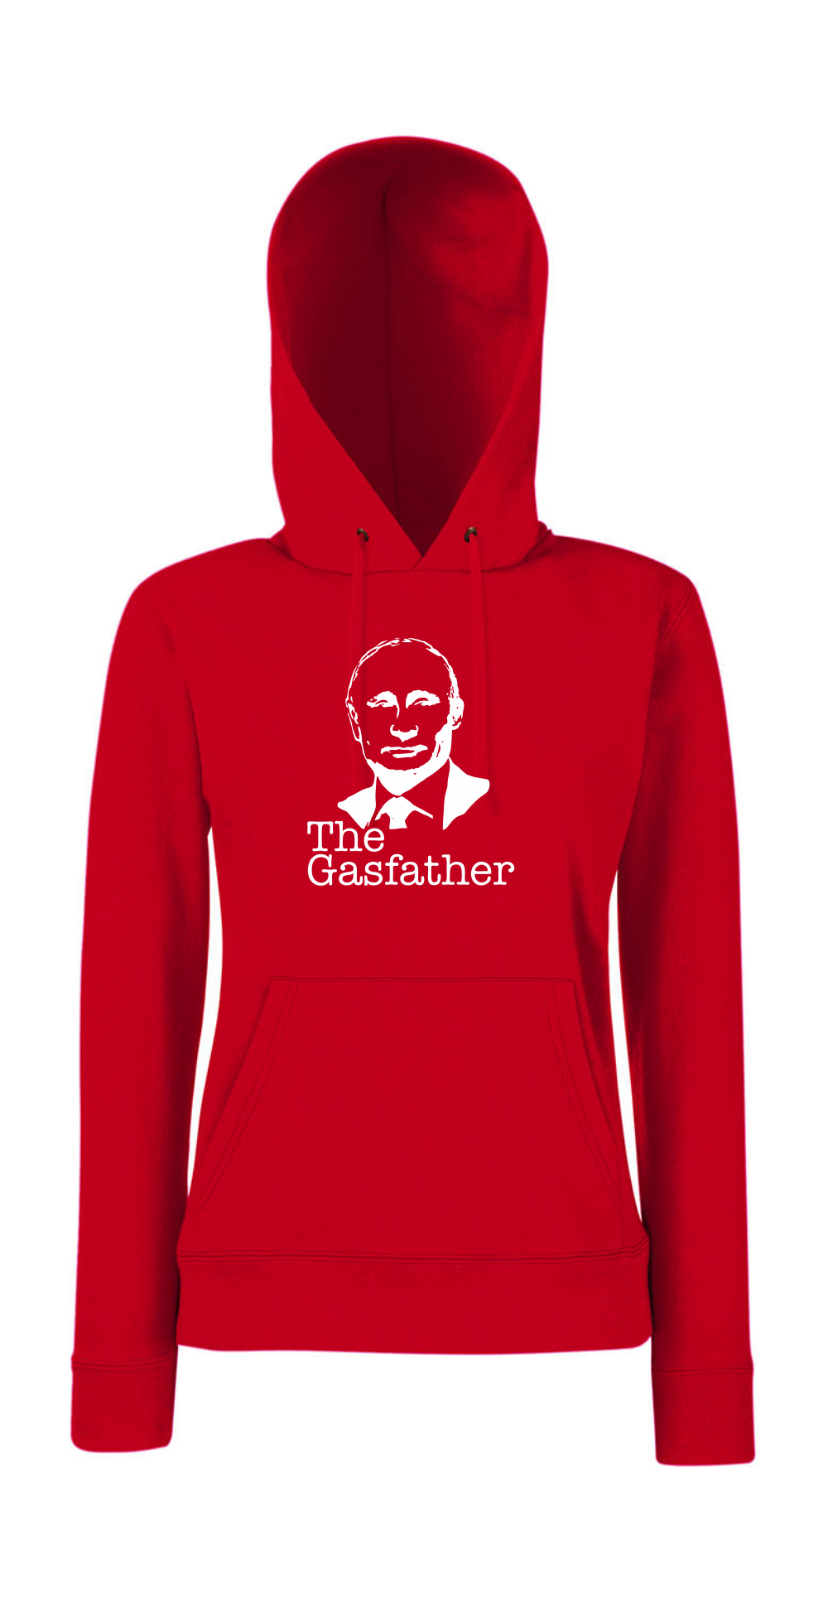 Putin - The Gasfather i Detto Digreenente Digreenente Digreenente Girlie Felpa con Cappuccio 23e725